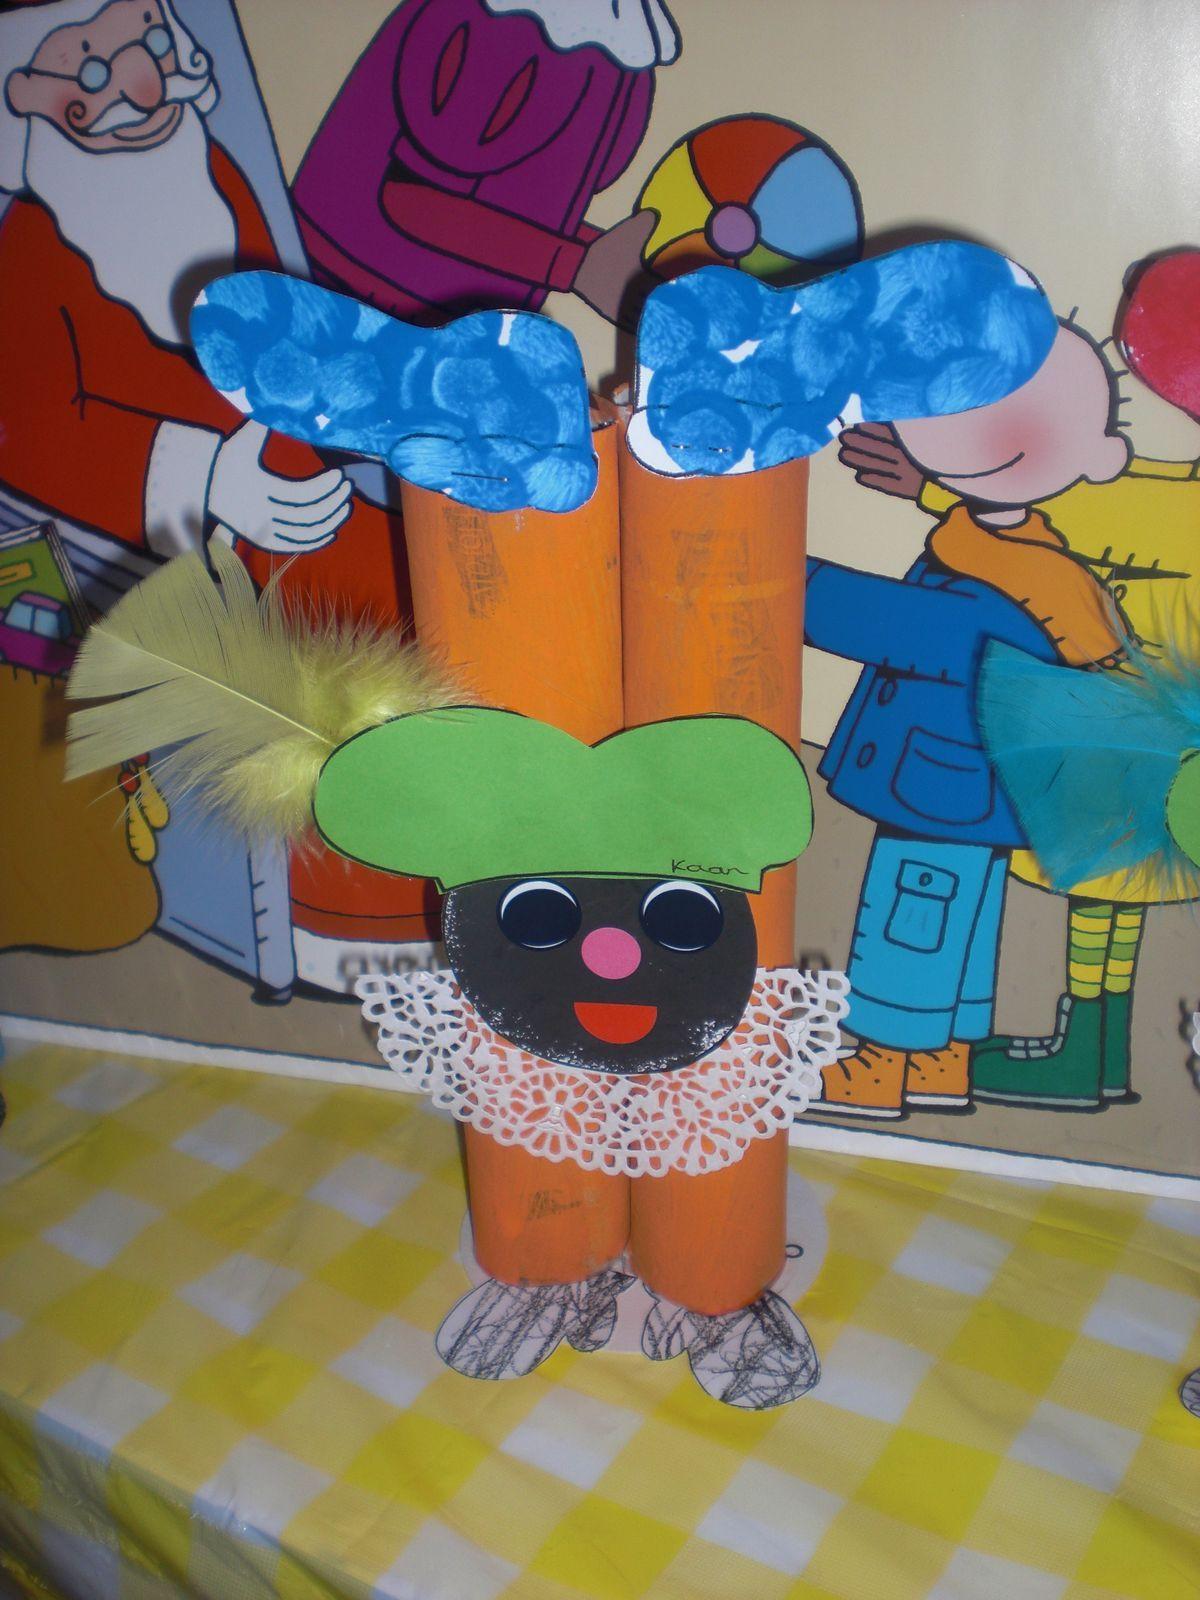 Pinterest Fasching Basteln Neu Wc Rollen Pietje Sinterklaas Pinterest Das Bild